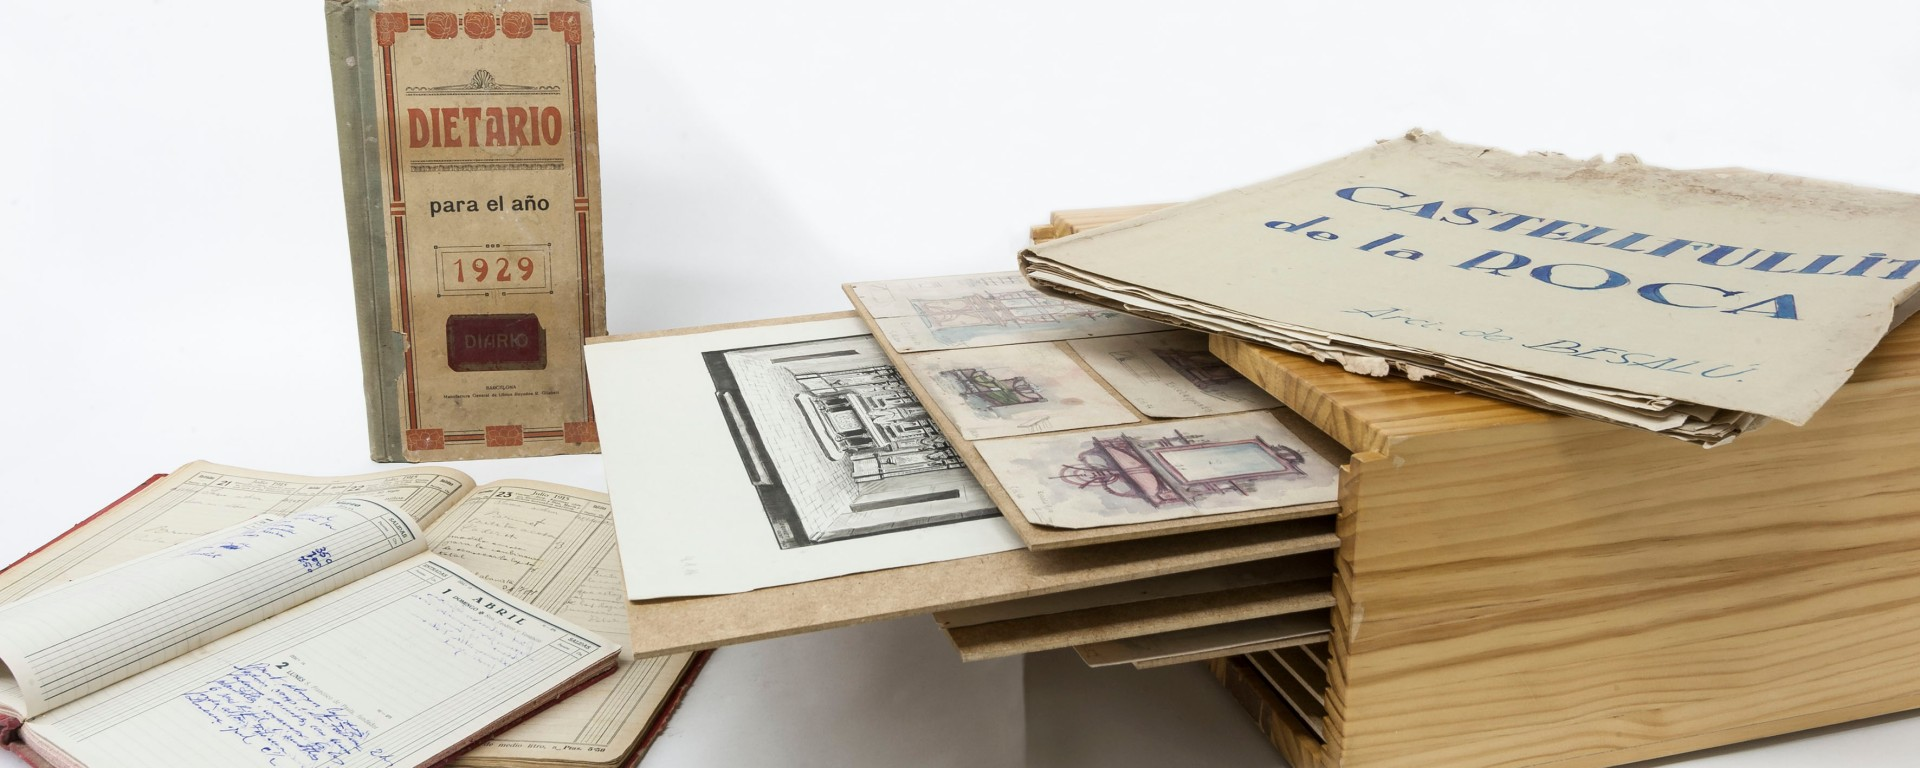 Composició amb dibuixos i dietaris del Fons Sadurní Brunet Pi, 2018 (ACGAX. Col·lecció d'imatges de l'ACGAX. Autor: Quim Roca)